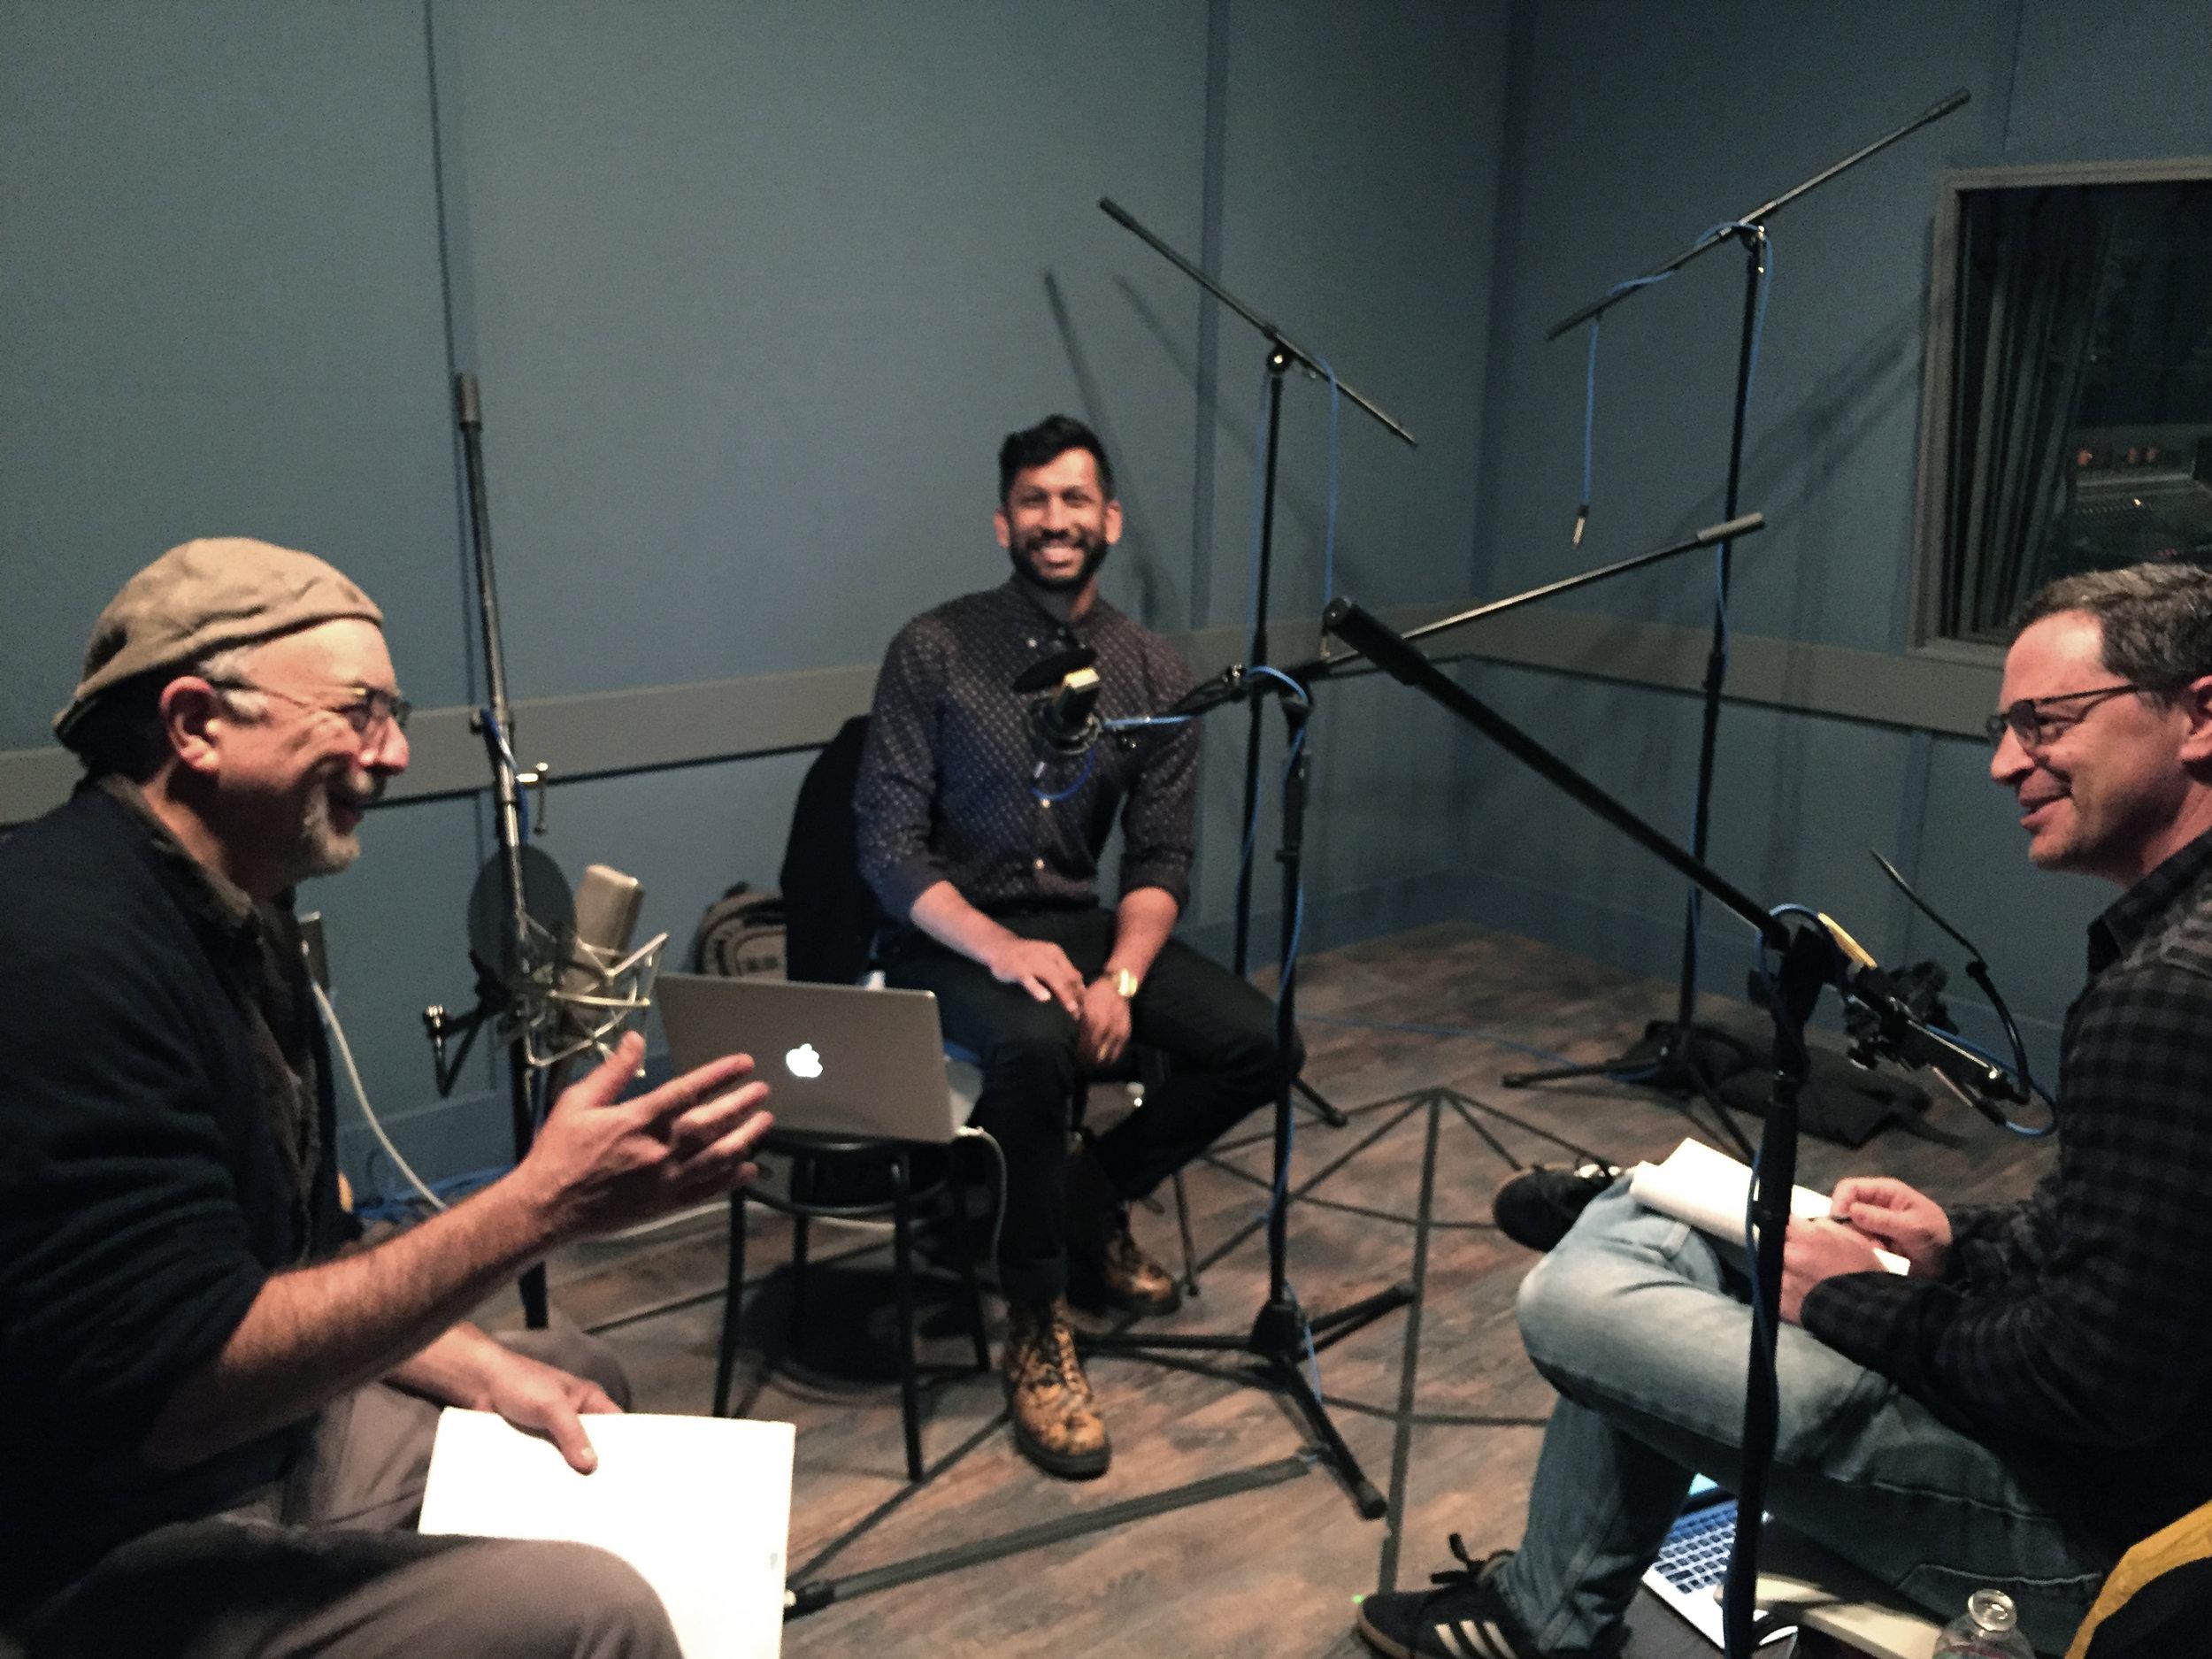 Richard, Hrishikesh, and Joshua in the studio.